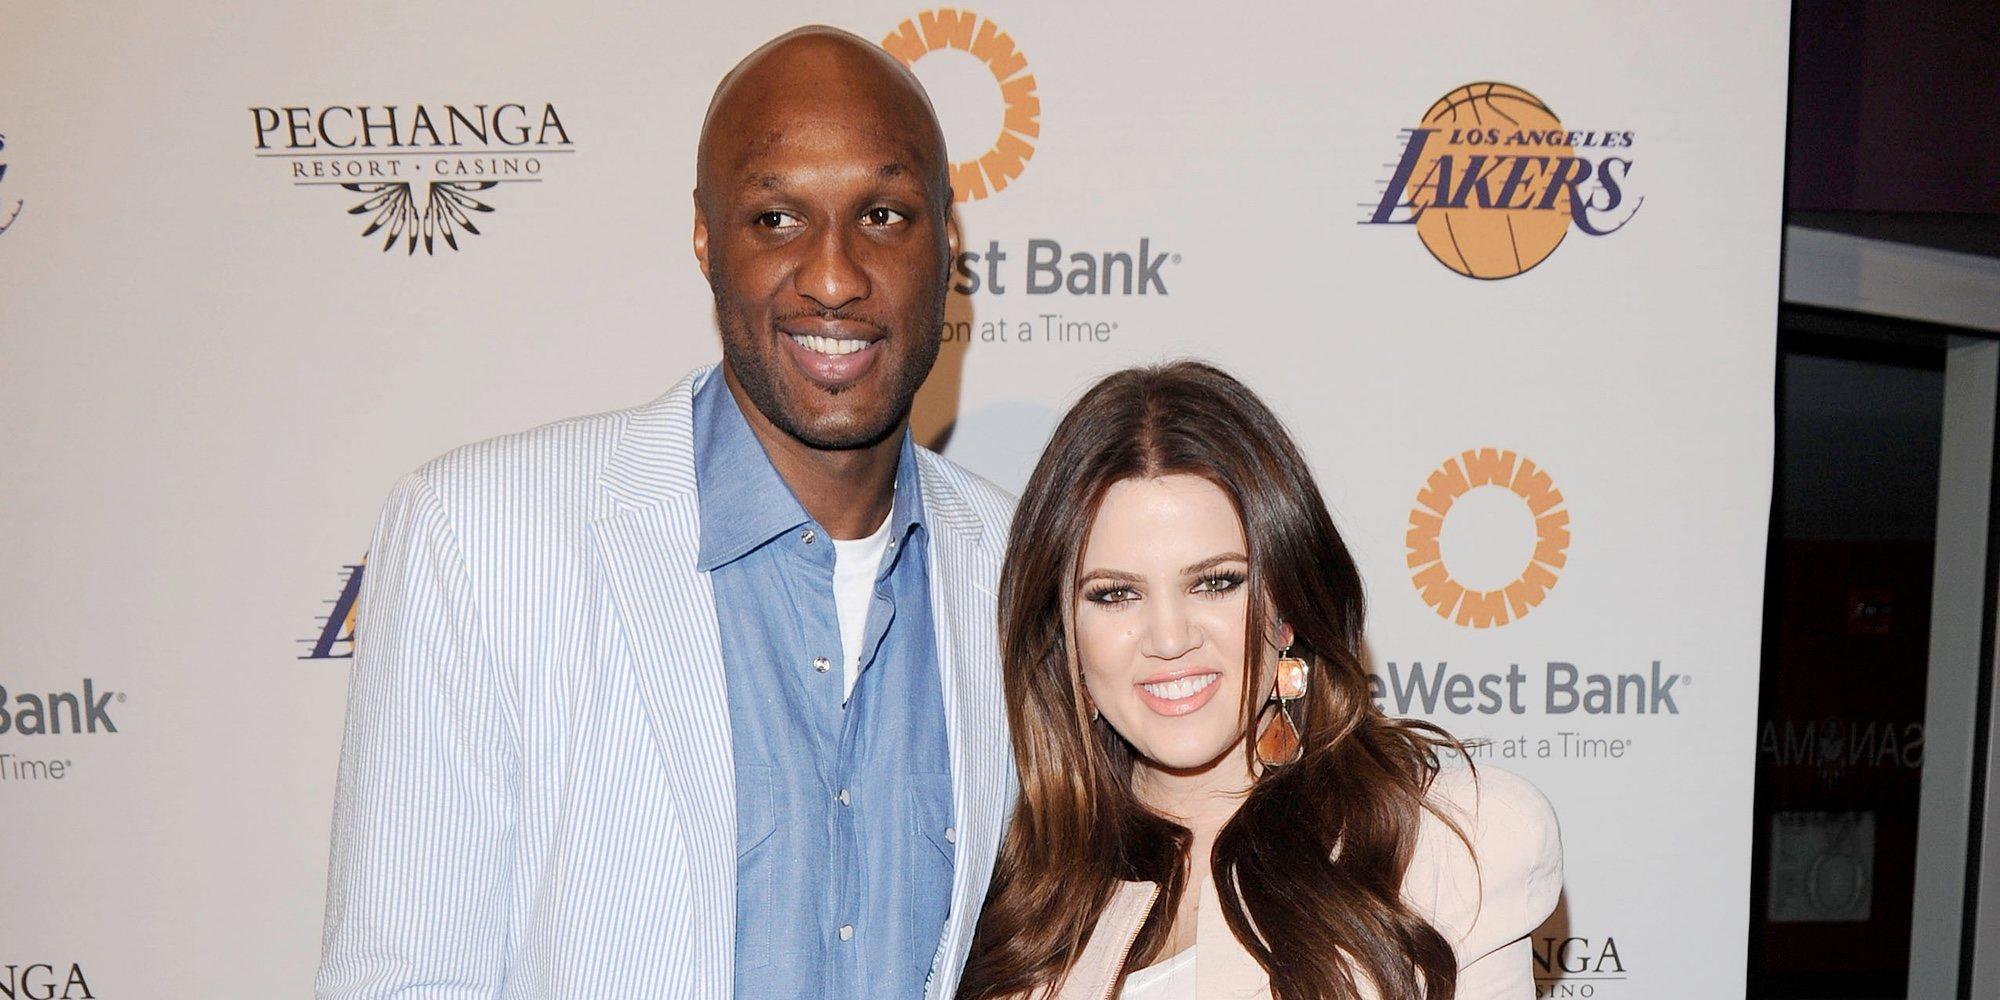 Mientras Khloe Kardashian echa de menos a Lamar Odom... Él está cansado de que le pregunten por su exmujer